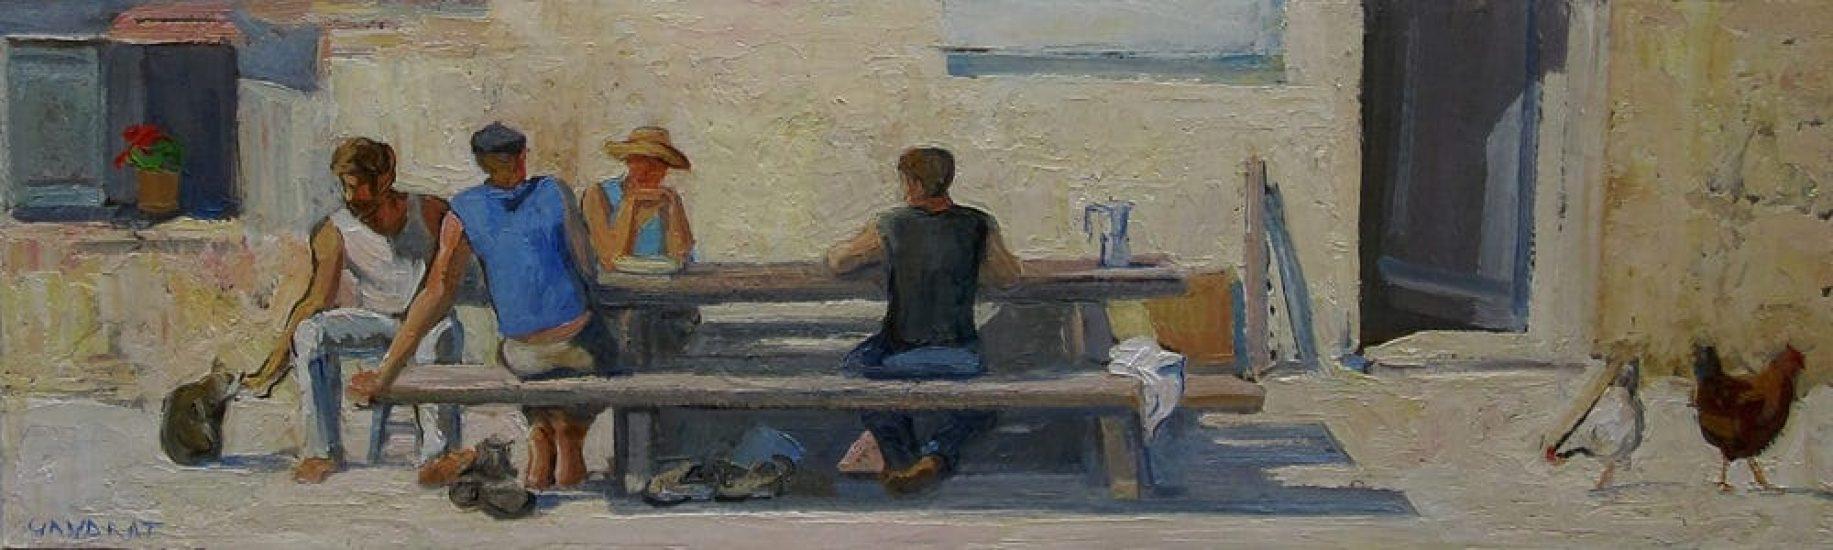 La table à l'auberge - 15 x 50 cm - collection particulière